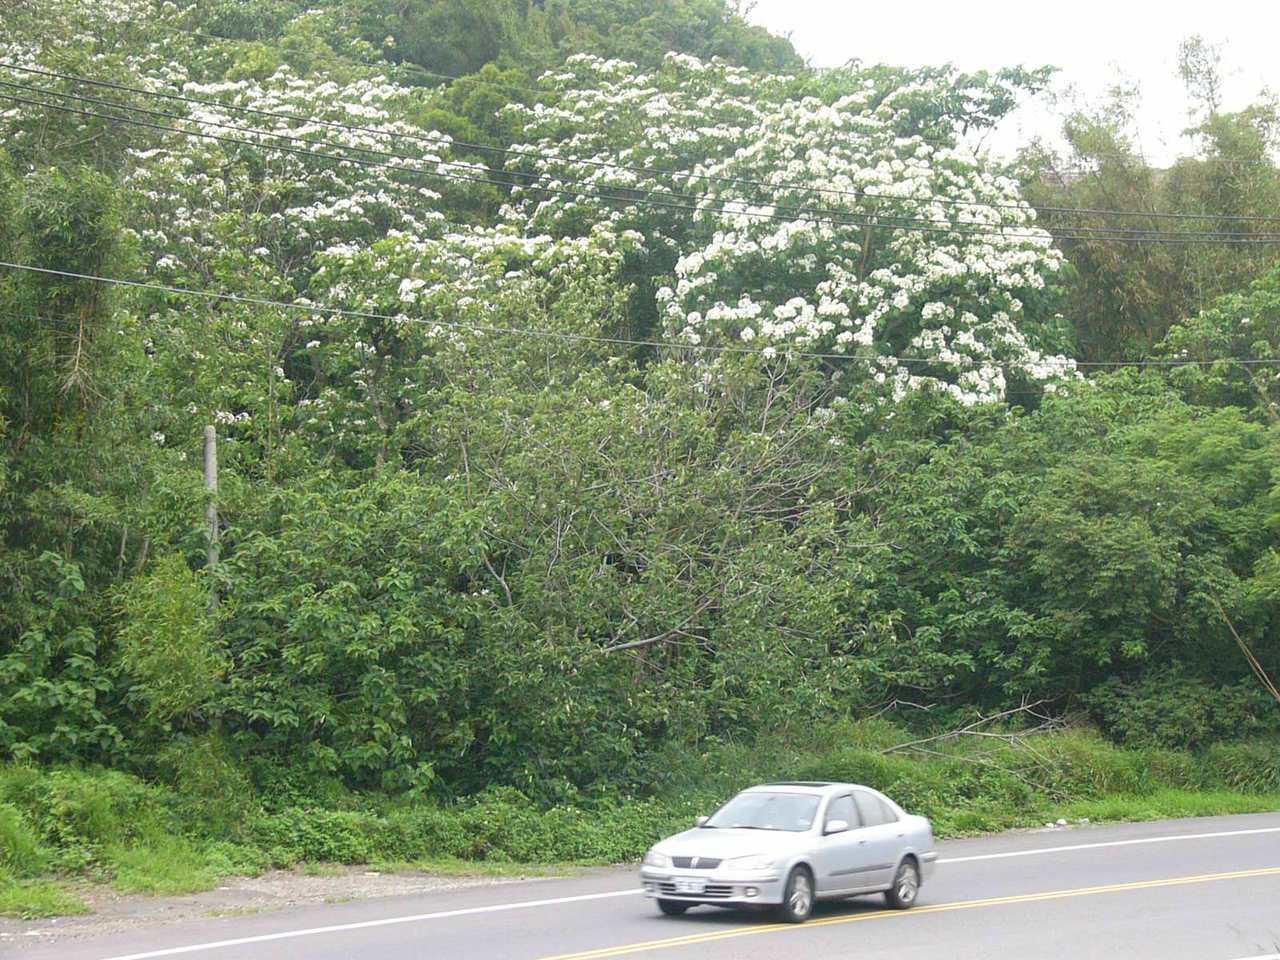 台3線中豐路在4、5月間可以欣賞桐花山林之美。 圖/新竹縣政府提供